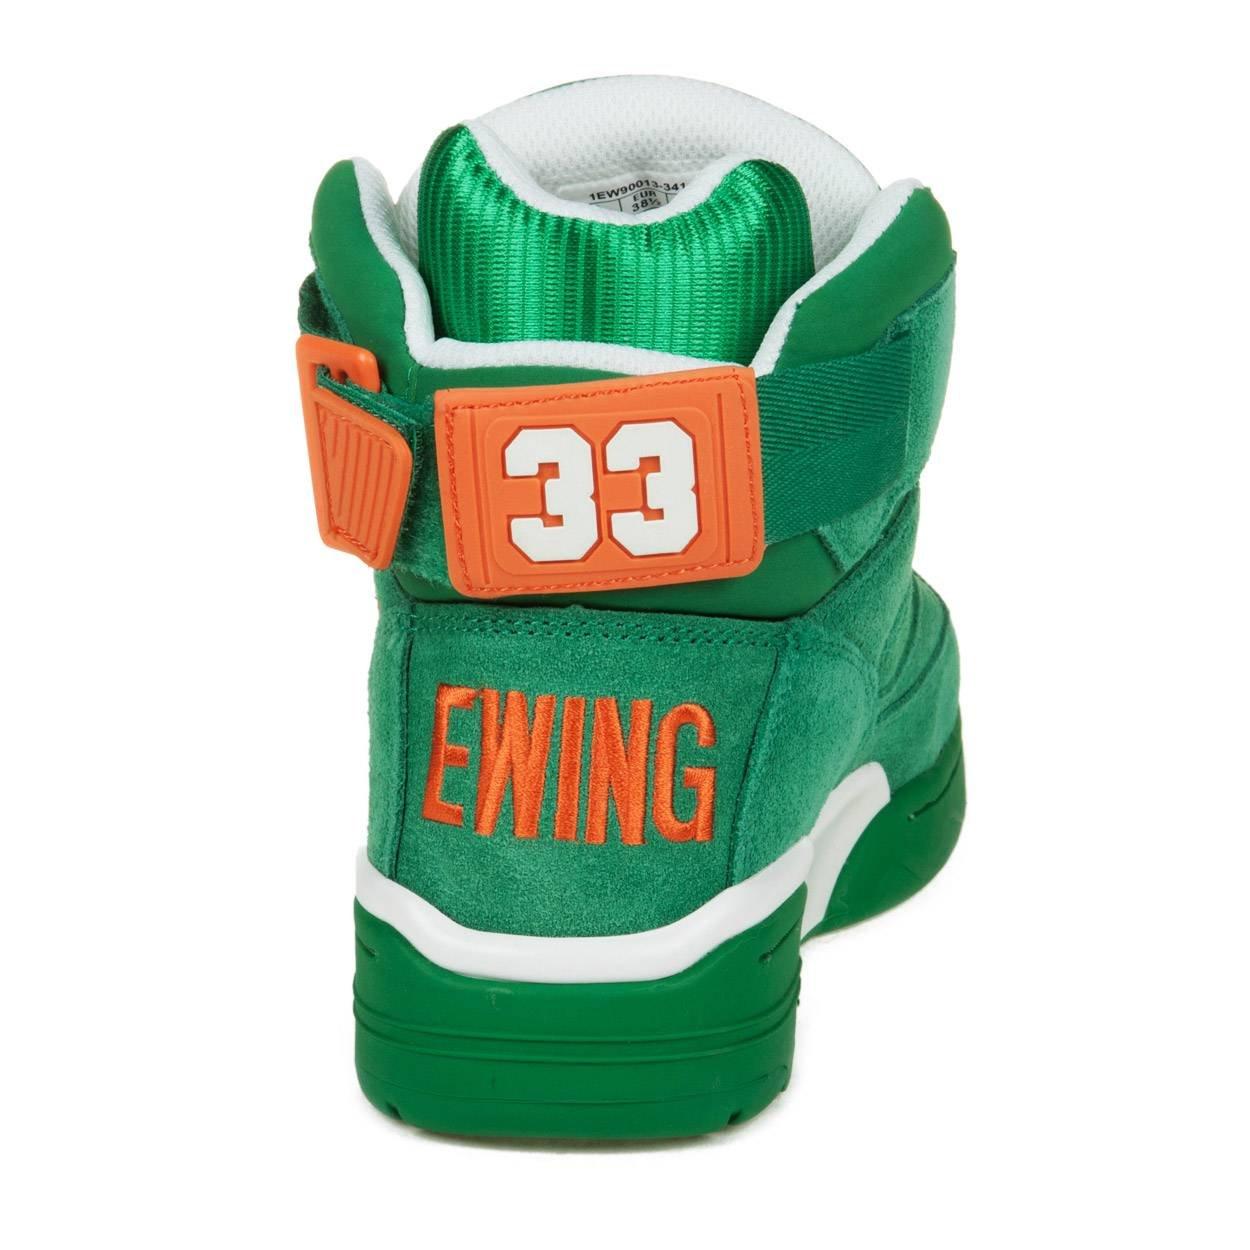 Patrick Ewing - Zapatillas de Baloncesto de Cuero sintético para Hombre Verde Verde: Amazon.es: Zapatos y complementos